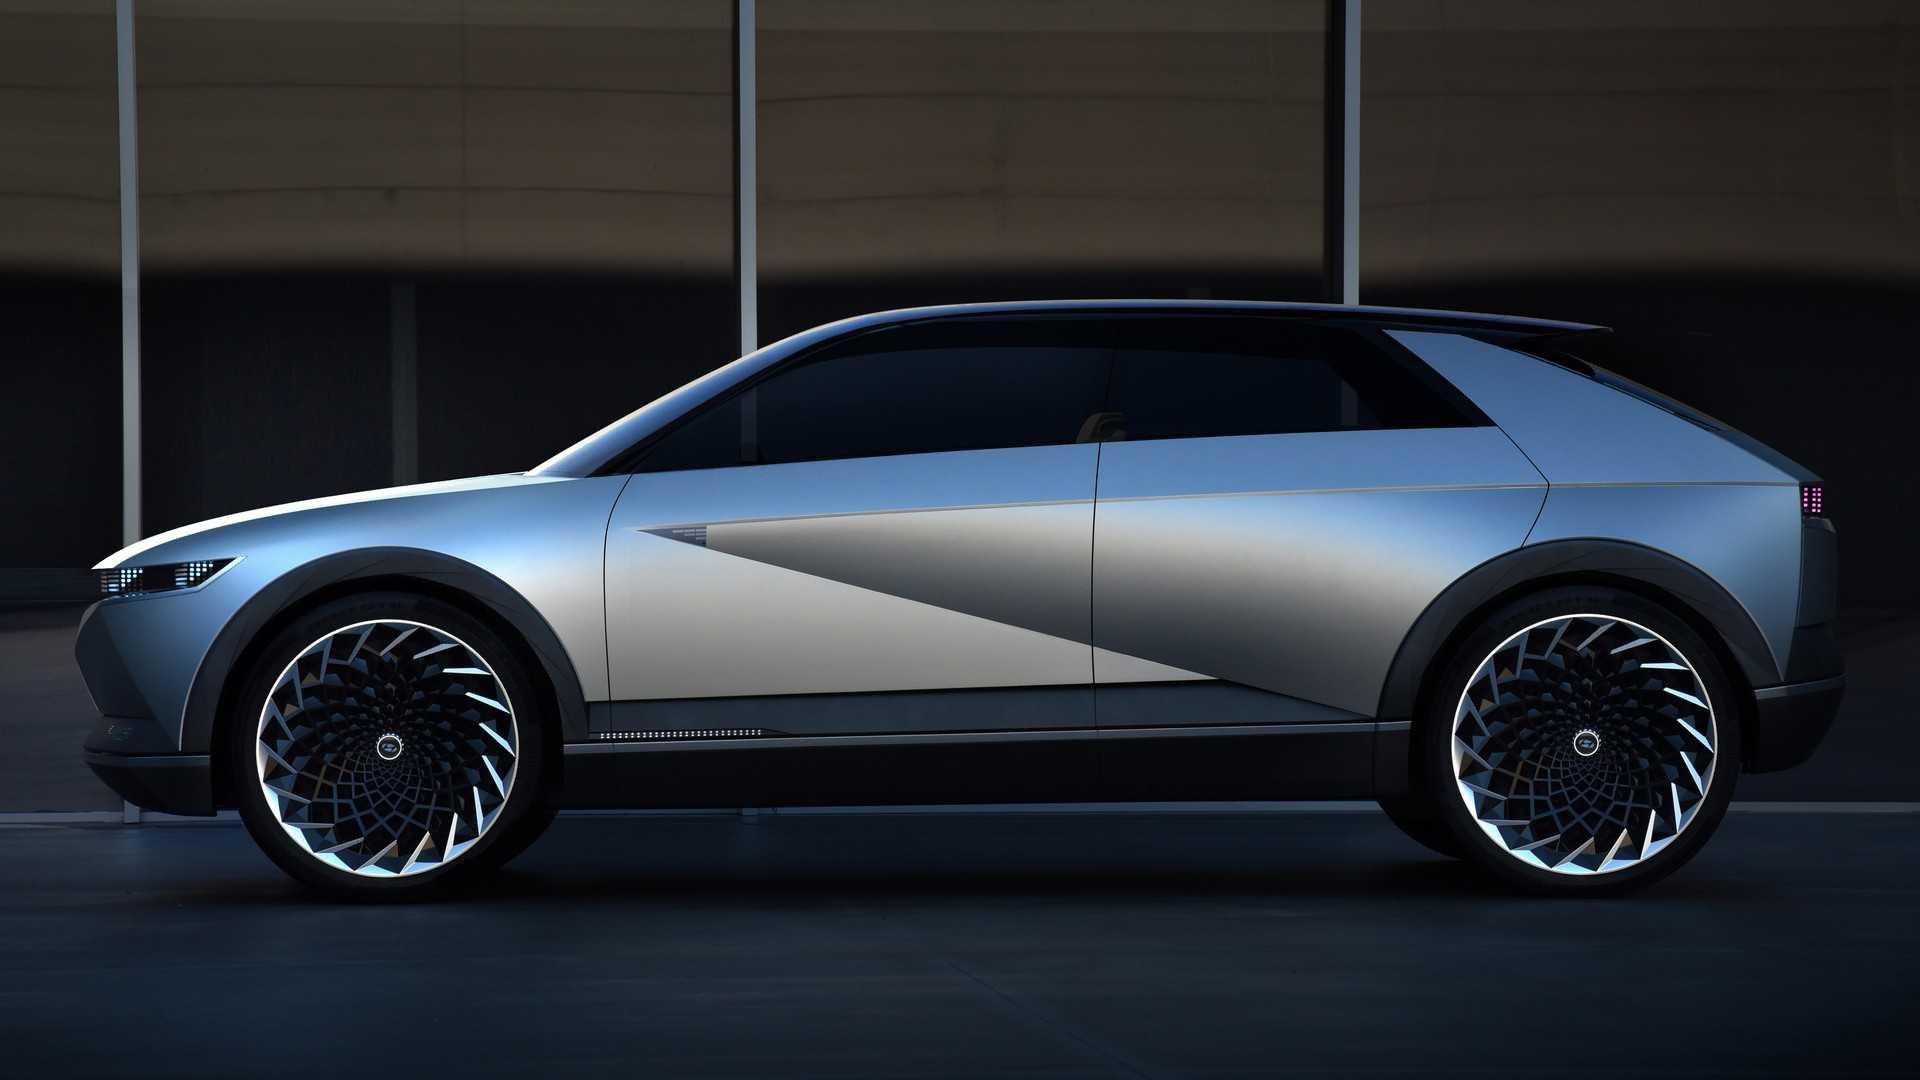 Xe ô tô điện nay mai của Hyundai sẽ hấp dẫn như thế này! - Hình 3